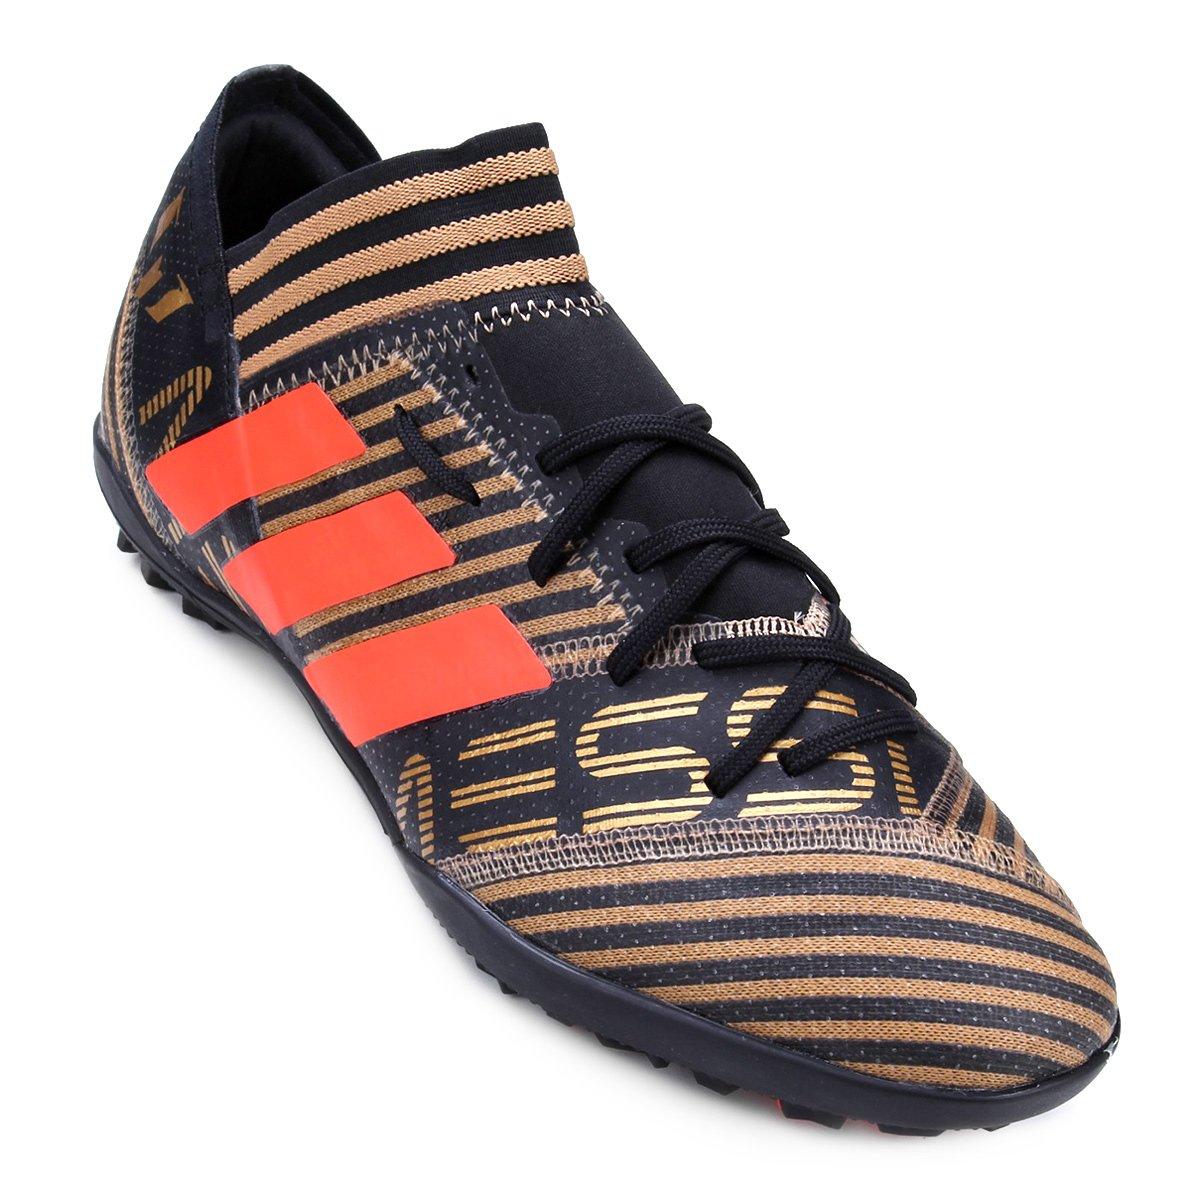 6e1834b2ec0 Chuteira Society Adidas Nemeziz Messi 17.3 TF Masculina - Compre Agora